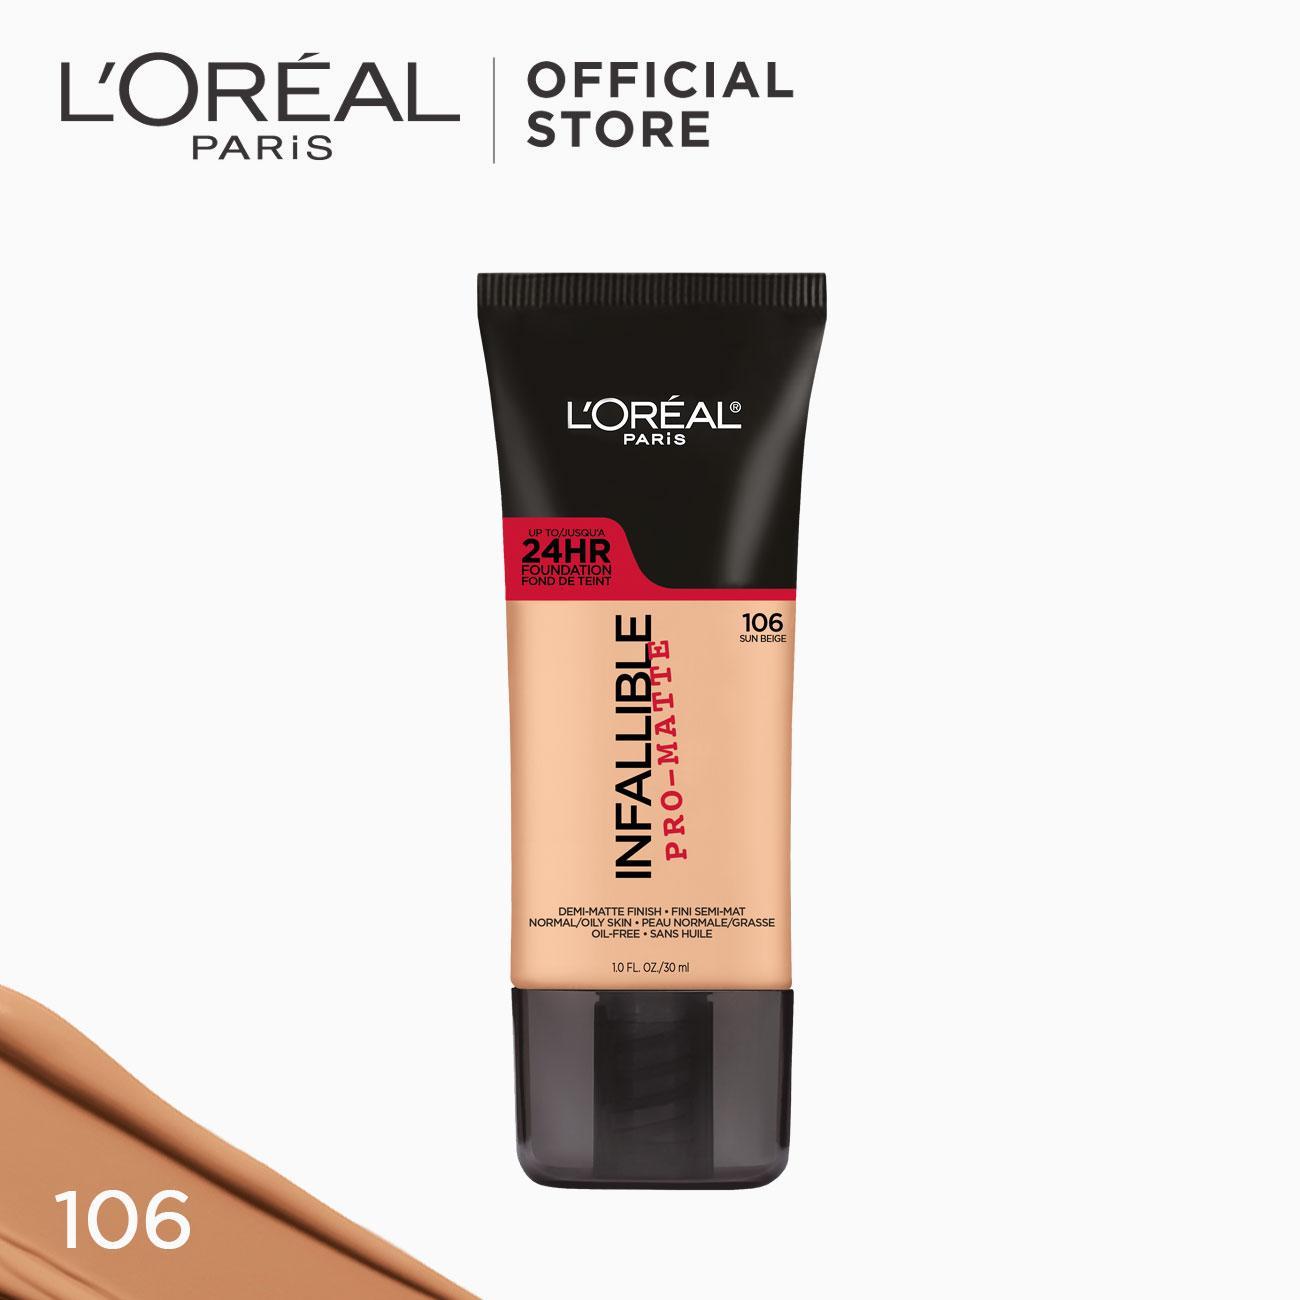 Infallible Pro-Matte Liquid Foundation - 106 Sun Beige [#NeverFail 24HR Longwear] by LOréal Paris Philippines